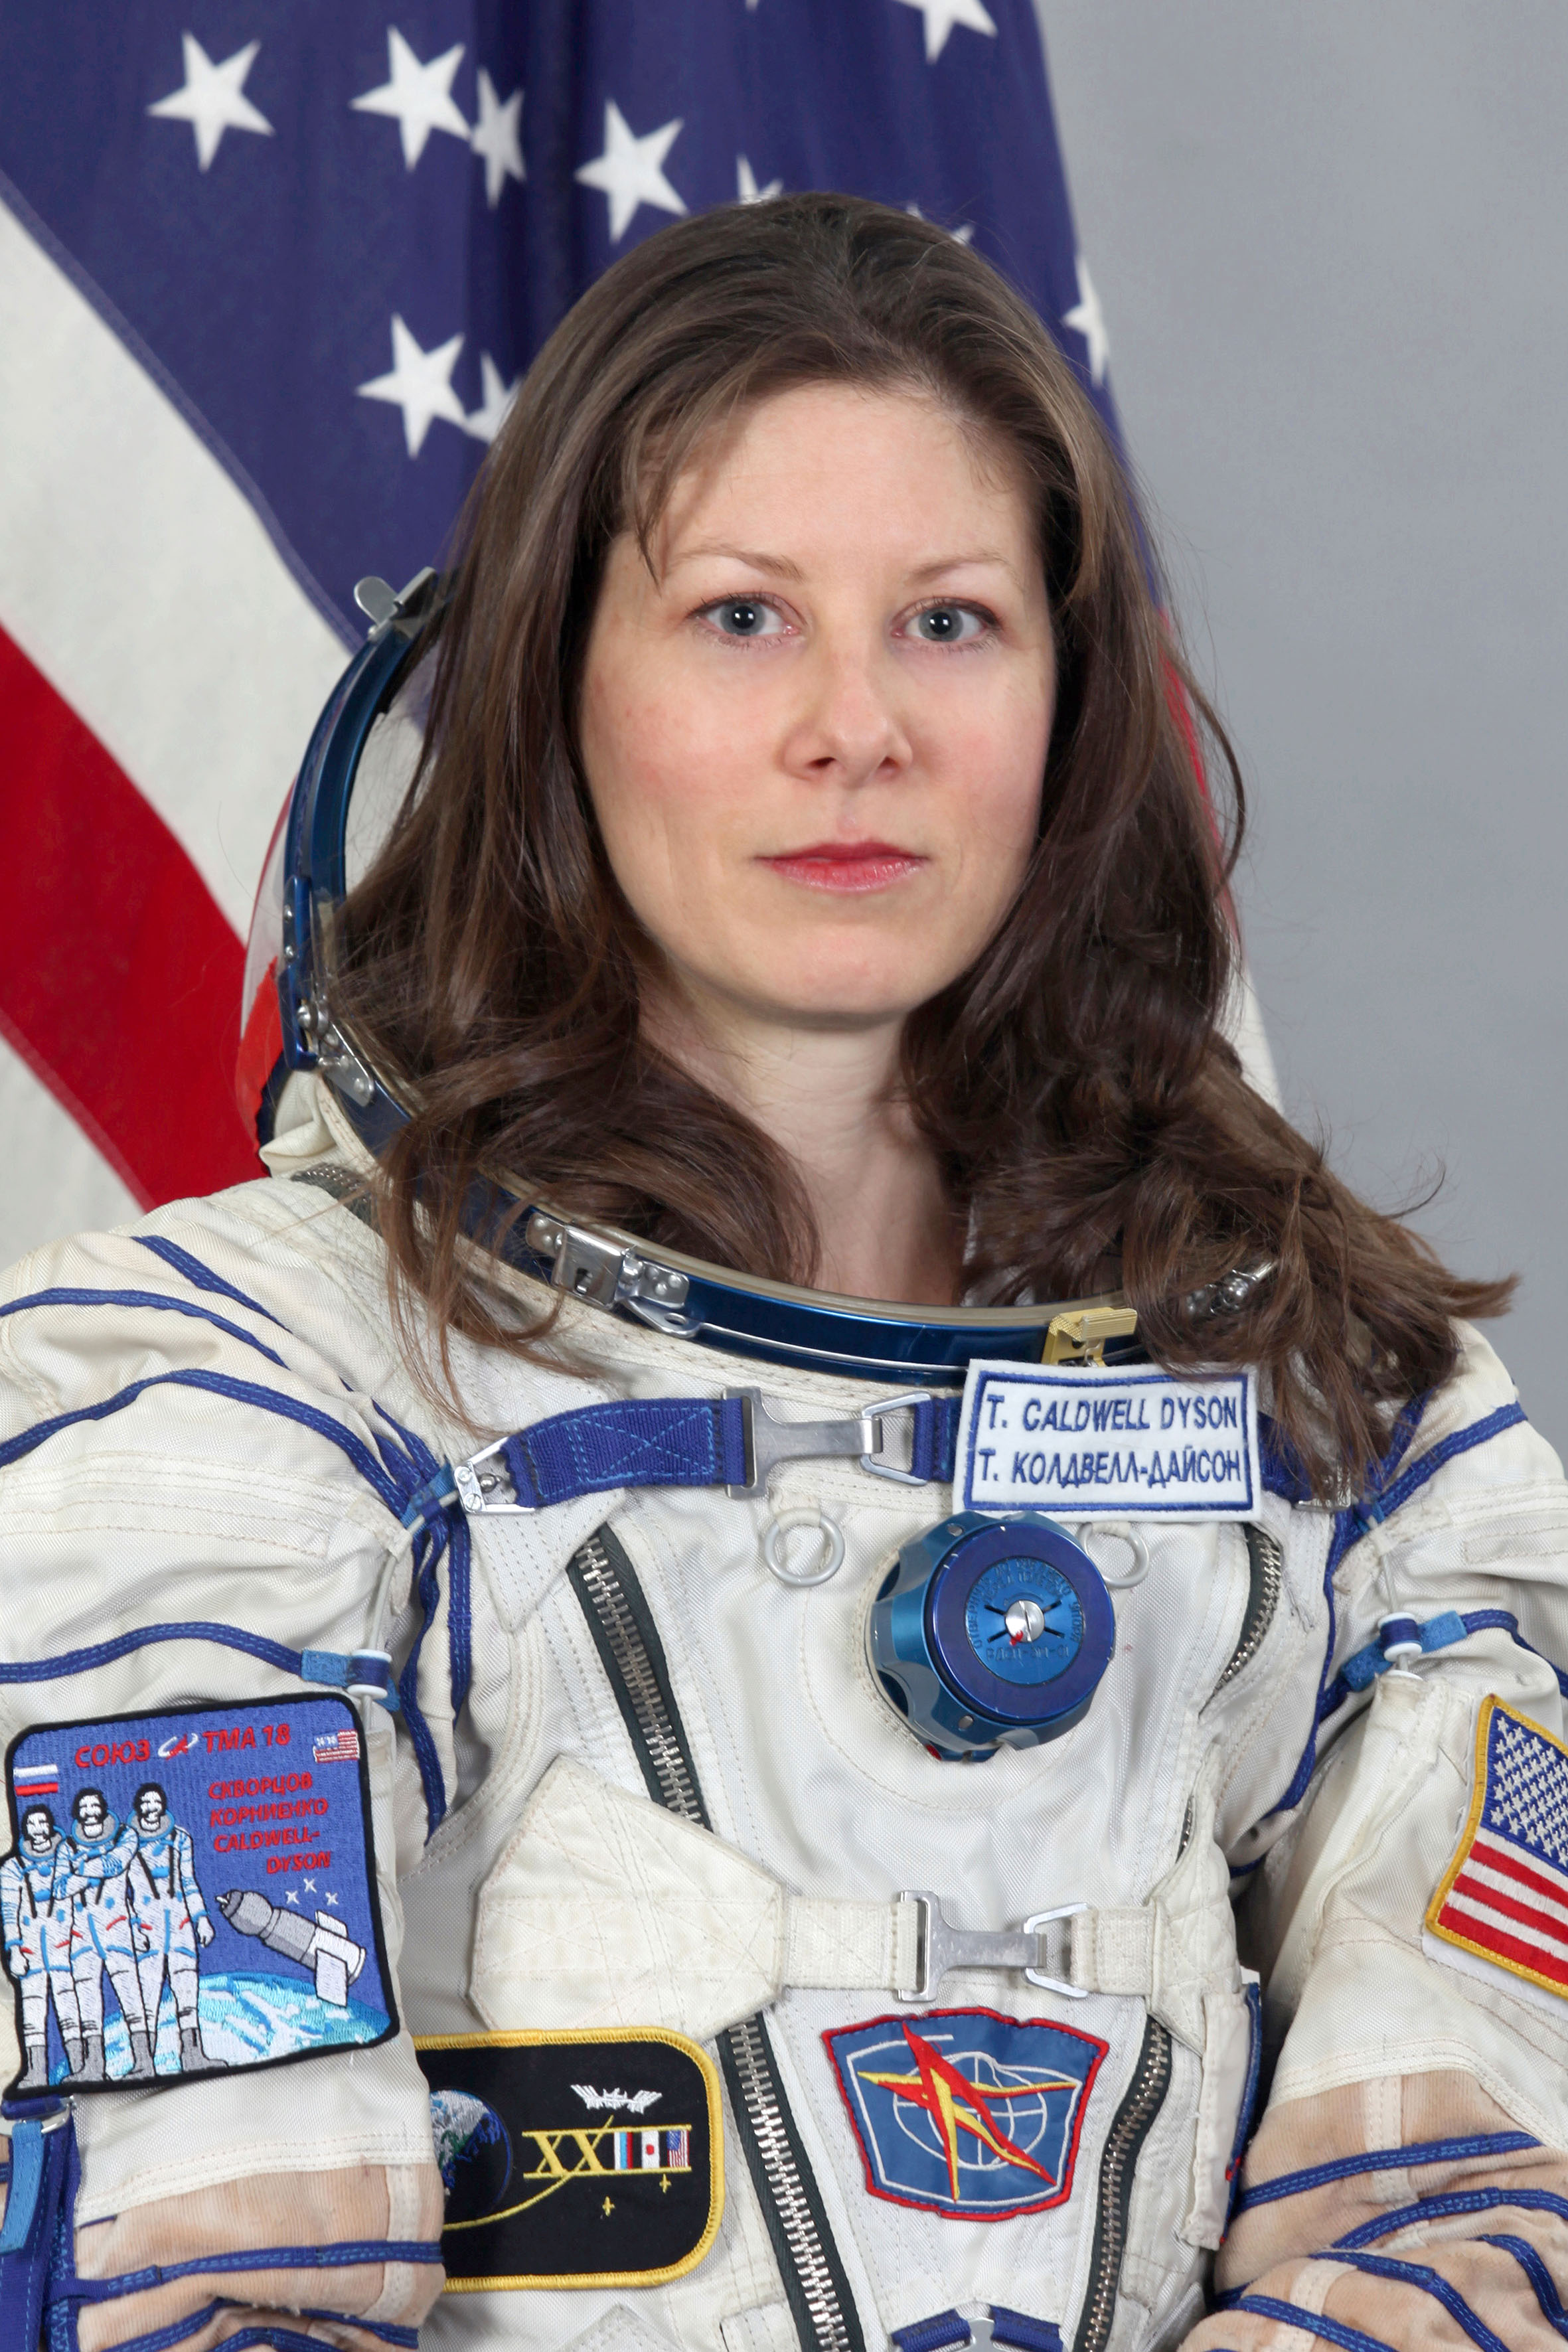 Caldwell dyson astronaut dyson фен купить спб